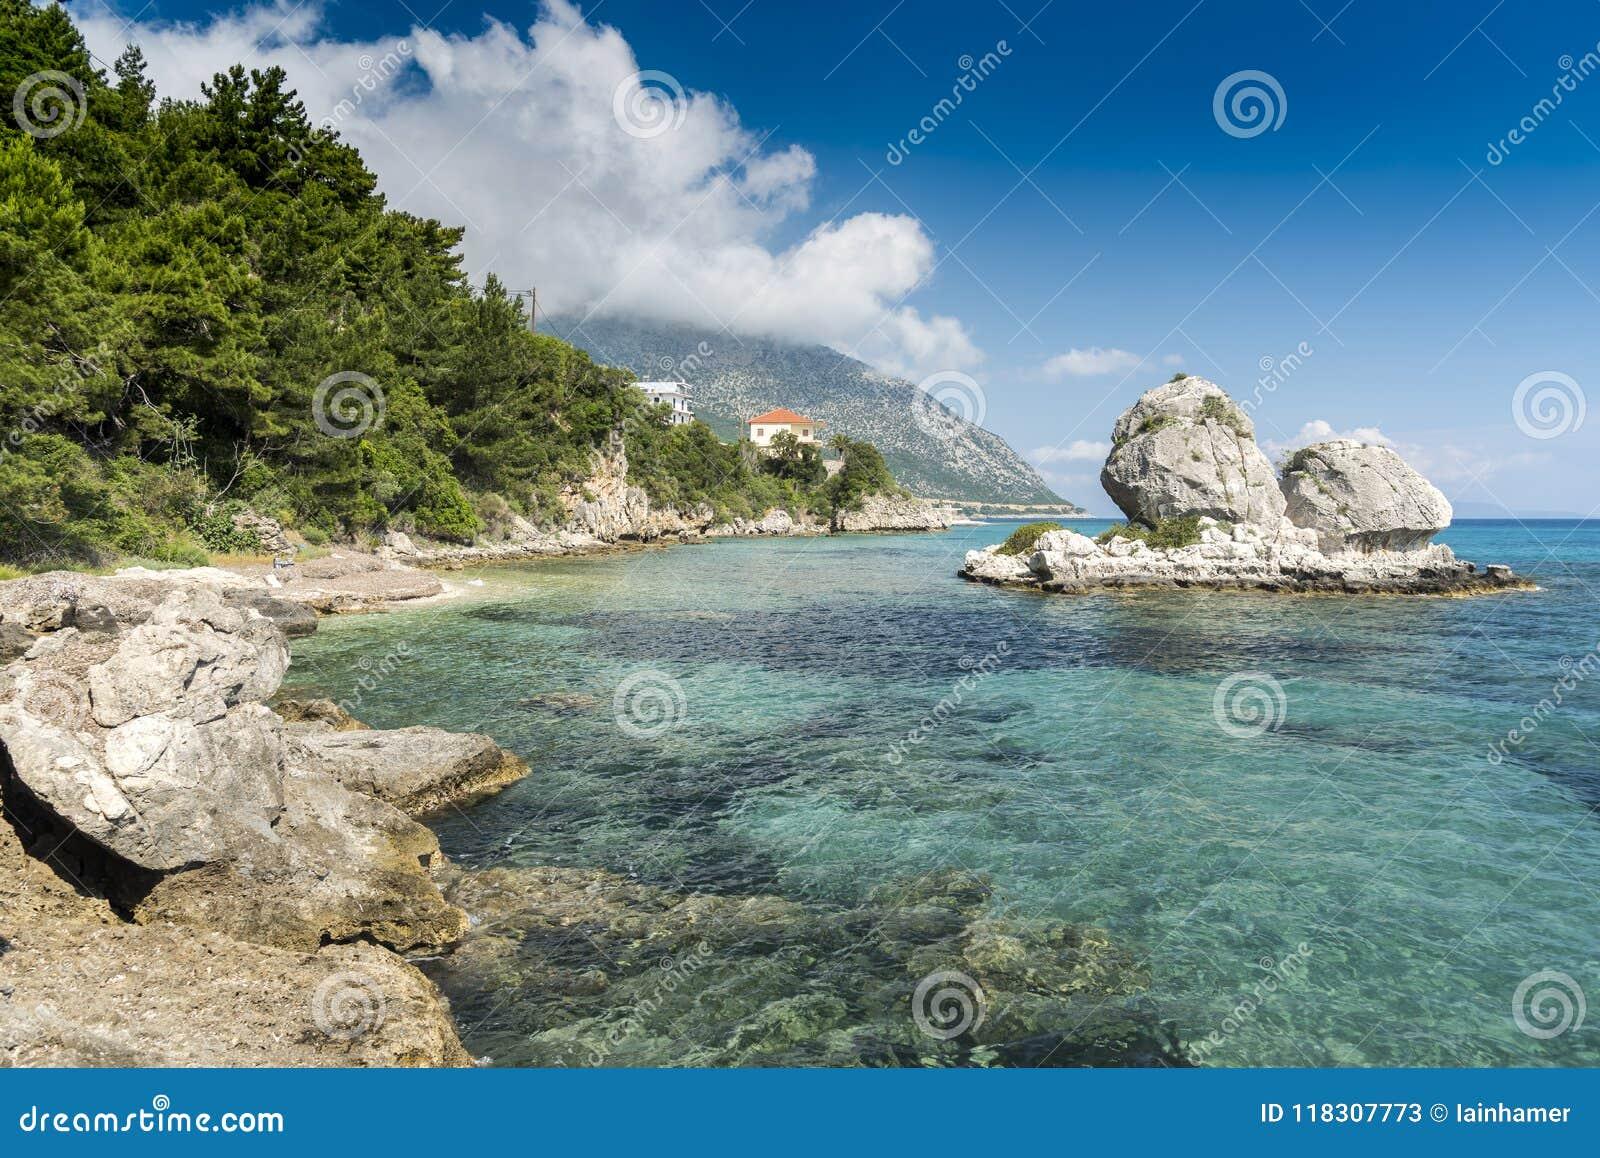 Formation de roche côtière Poros Cephelonia